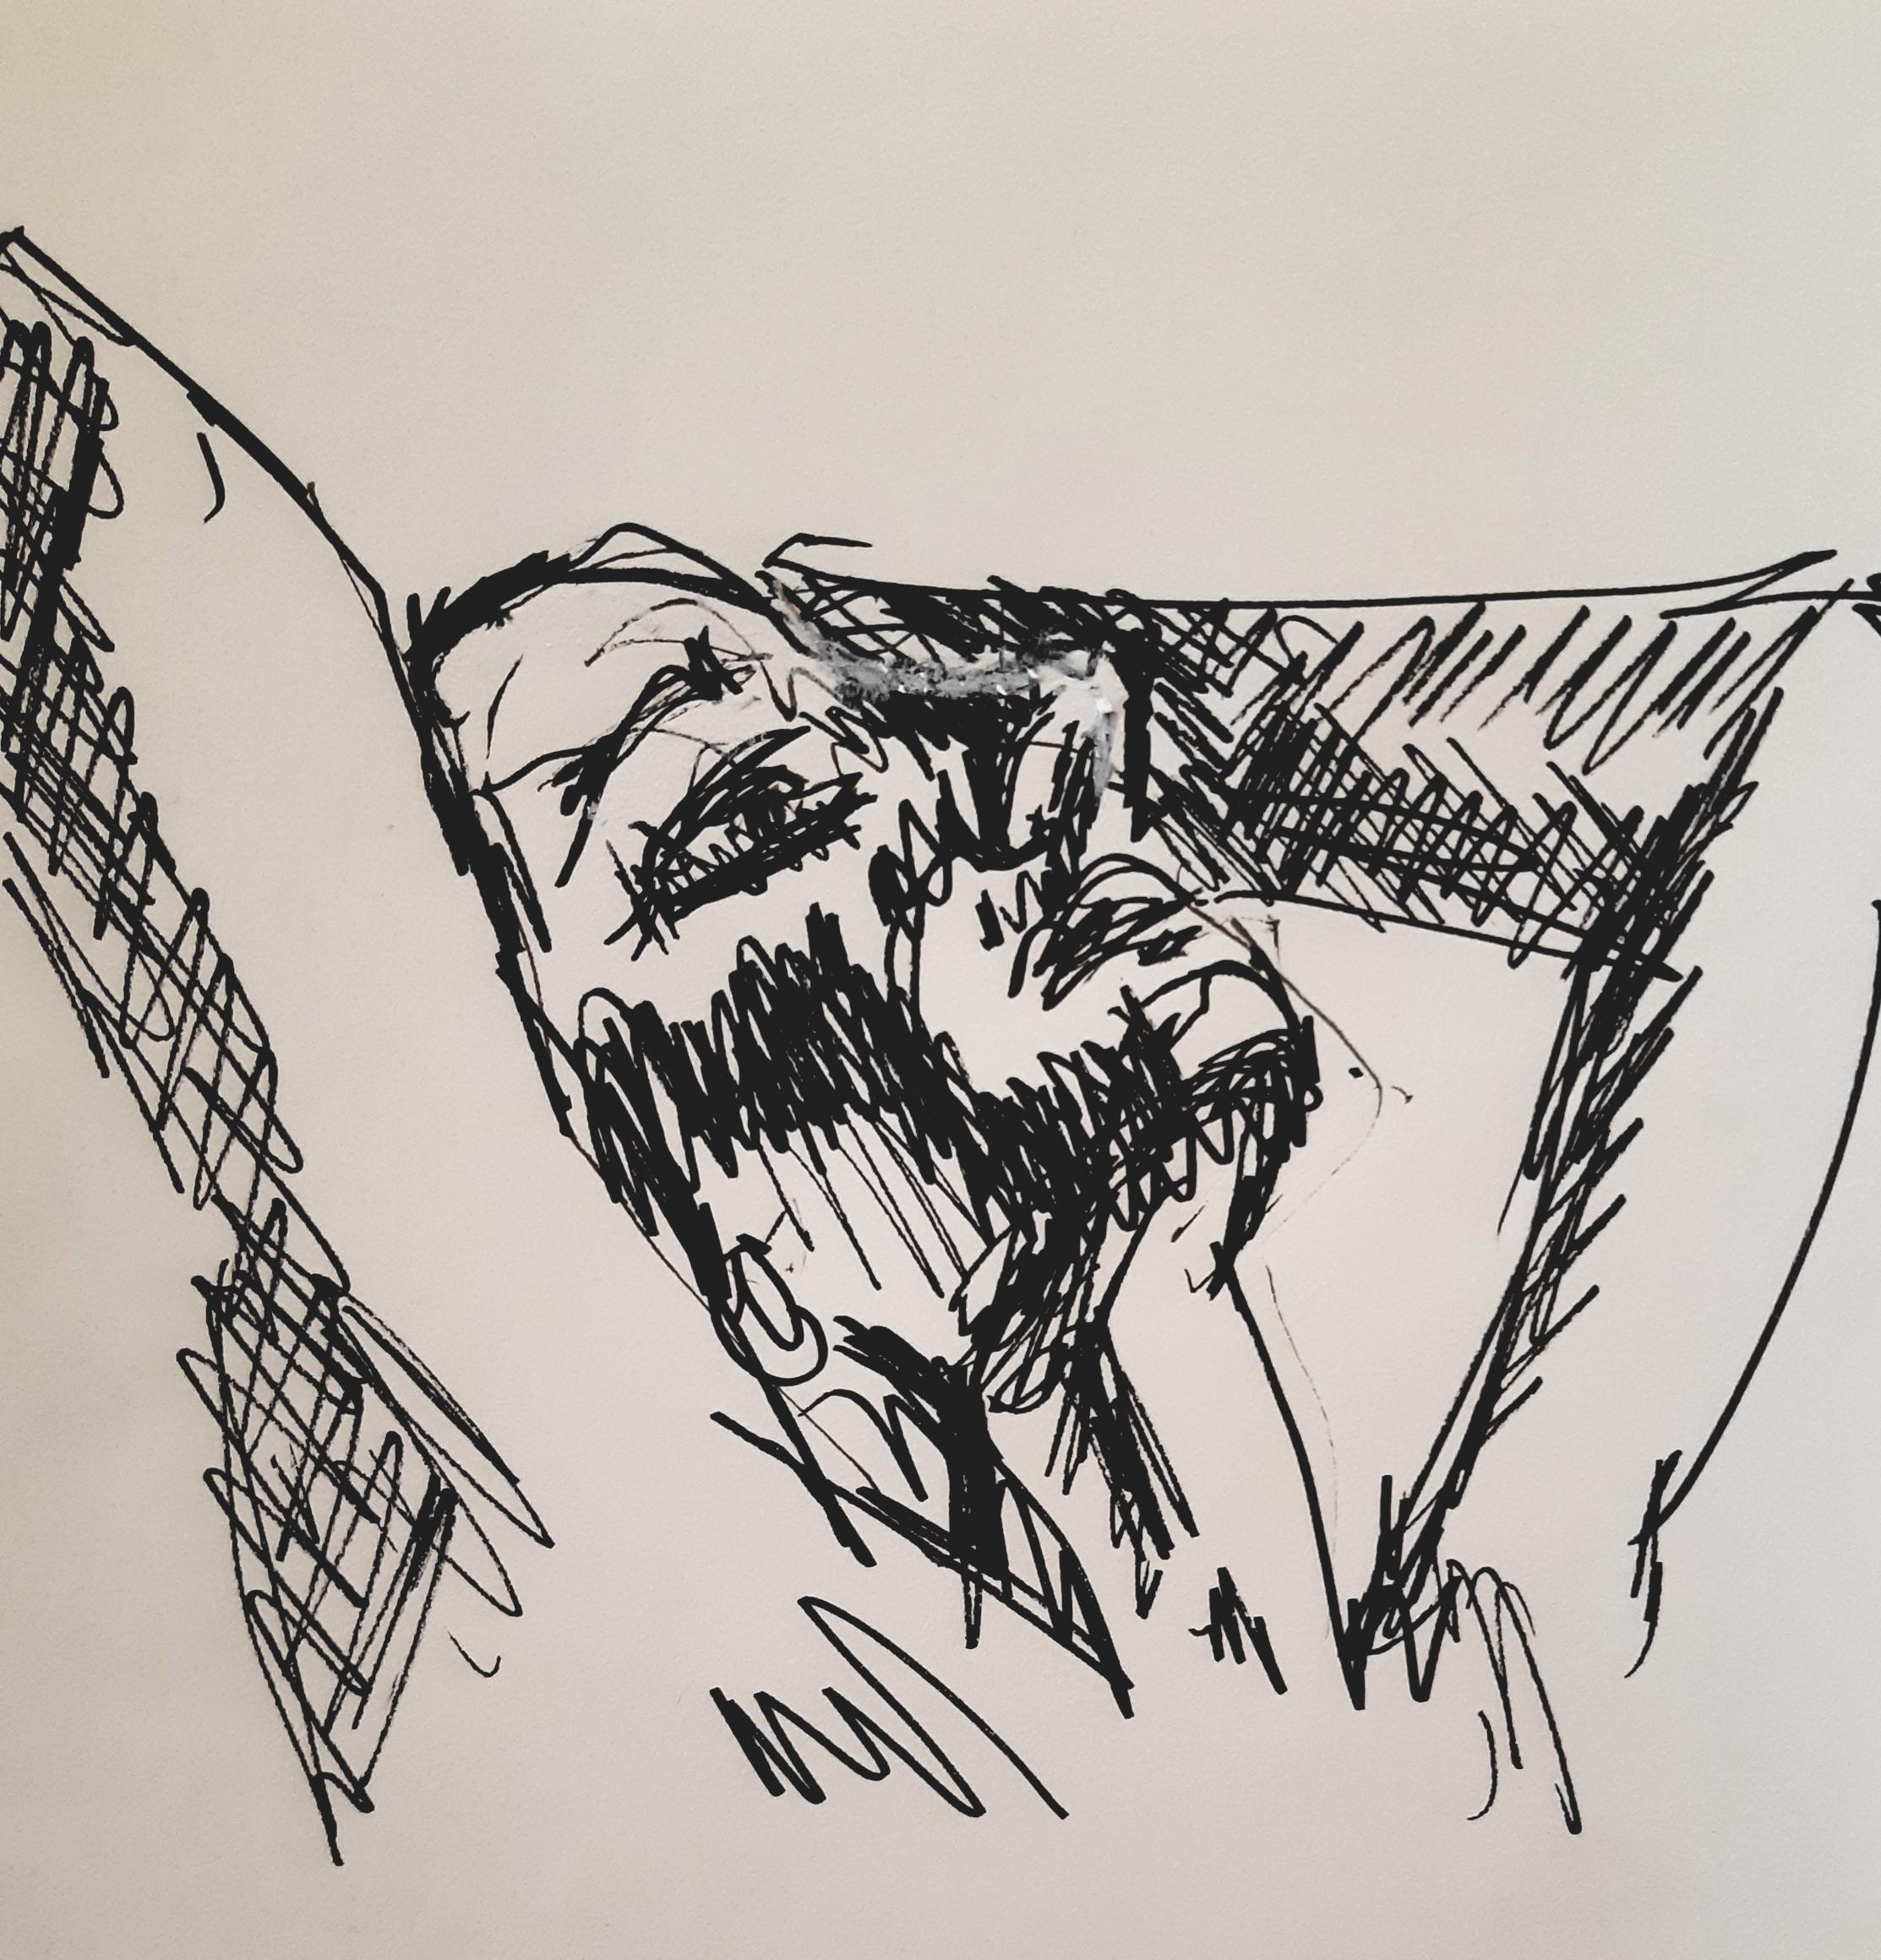 Portrait contre-plong�es feutre sur papier  cours de dessin